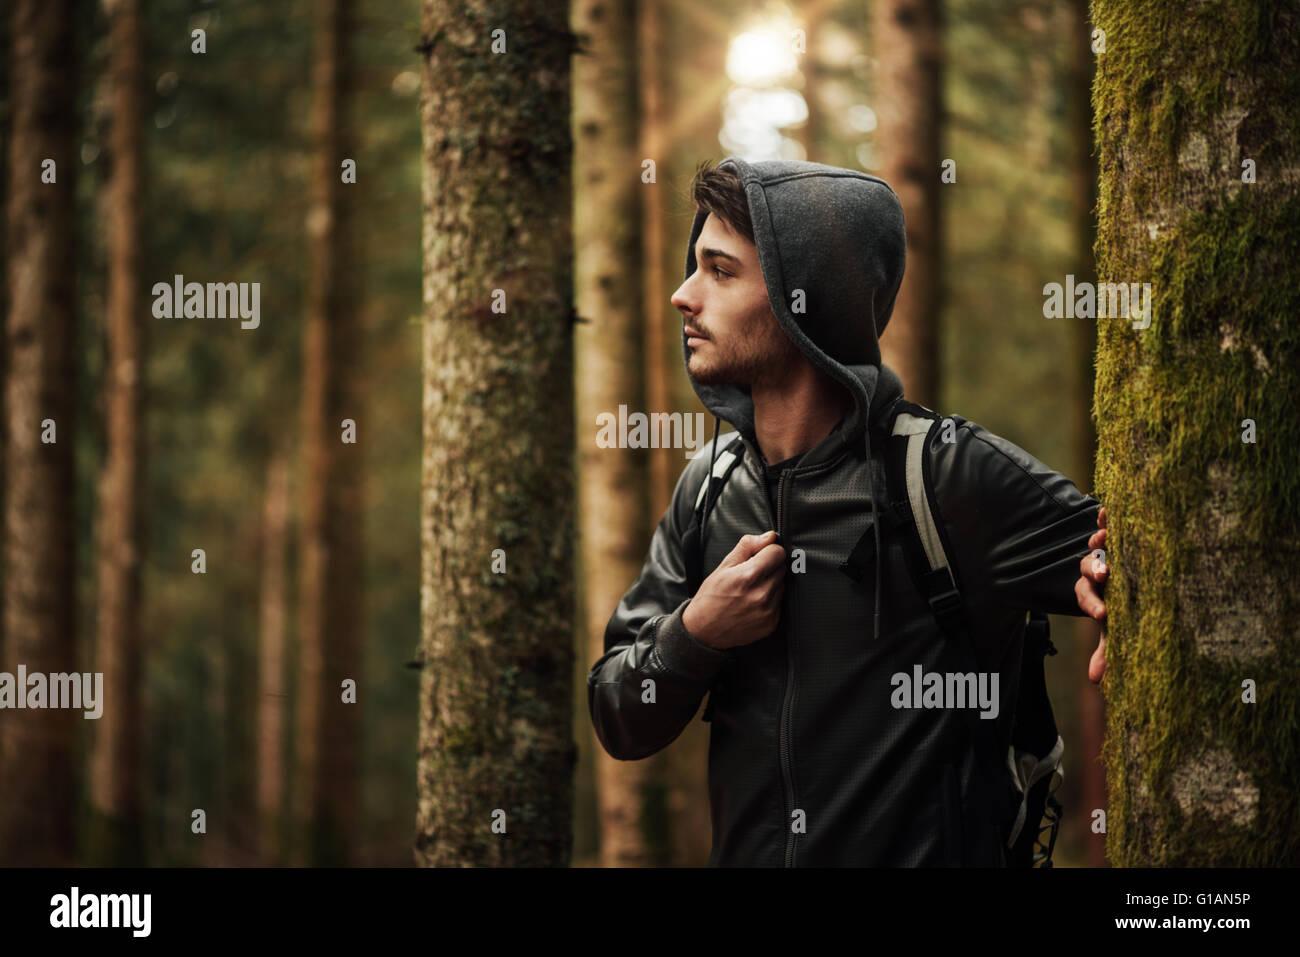 Giovane uomo bello camminare in una foresta e guardandosi attorno, la natura e il concetto di esplorazione Immagini Stock